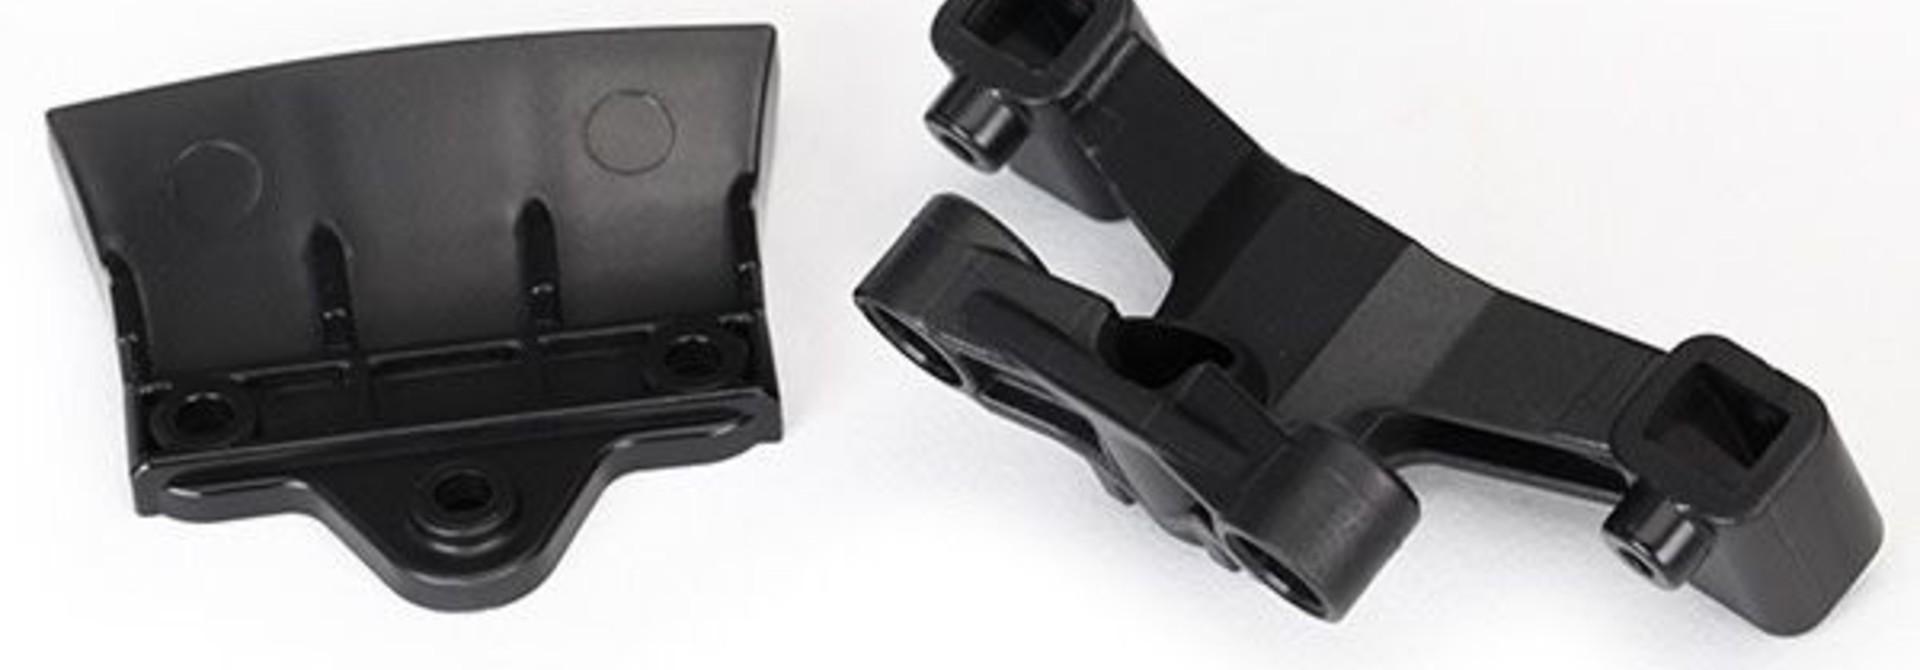 Bumper, rear (1)/ rear body mount (1), TRX8336